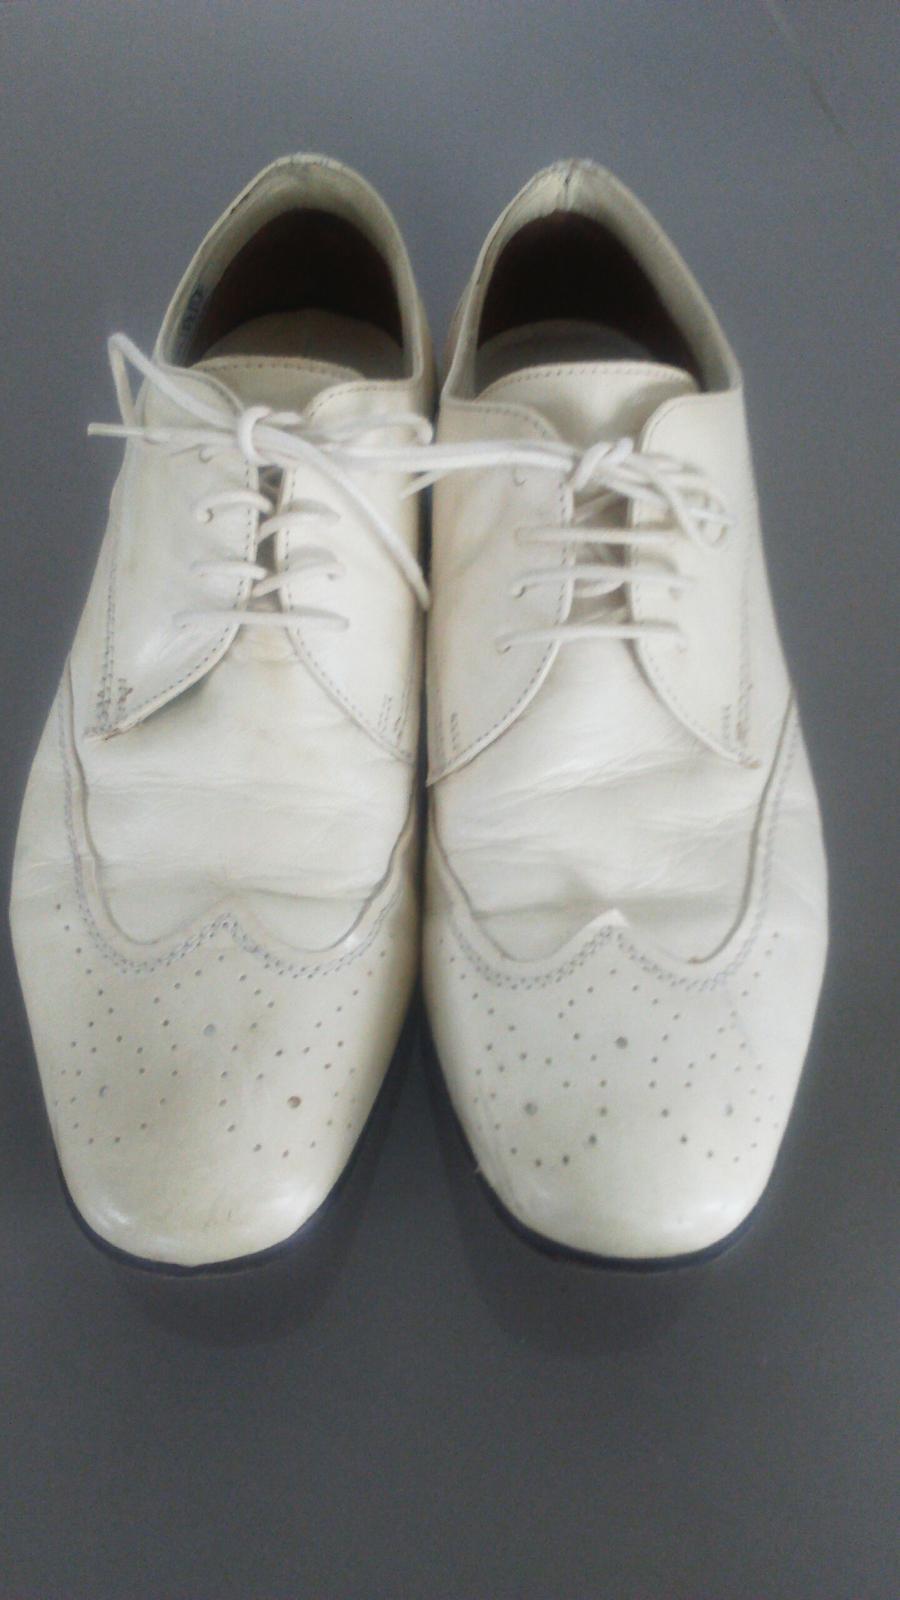 Stýlové svadobné topánky - Obrázok č. 1